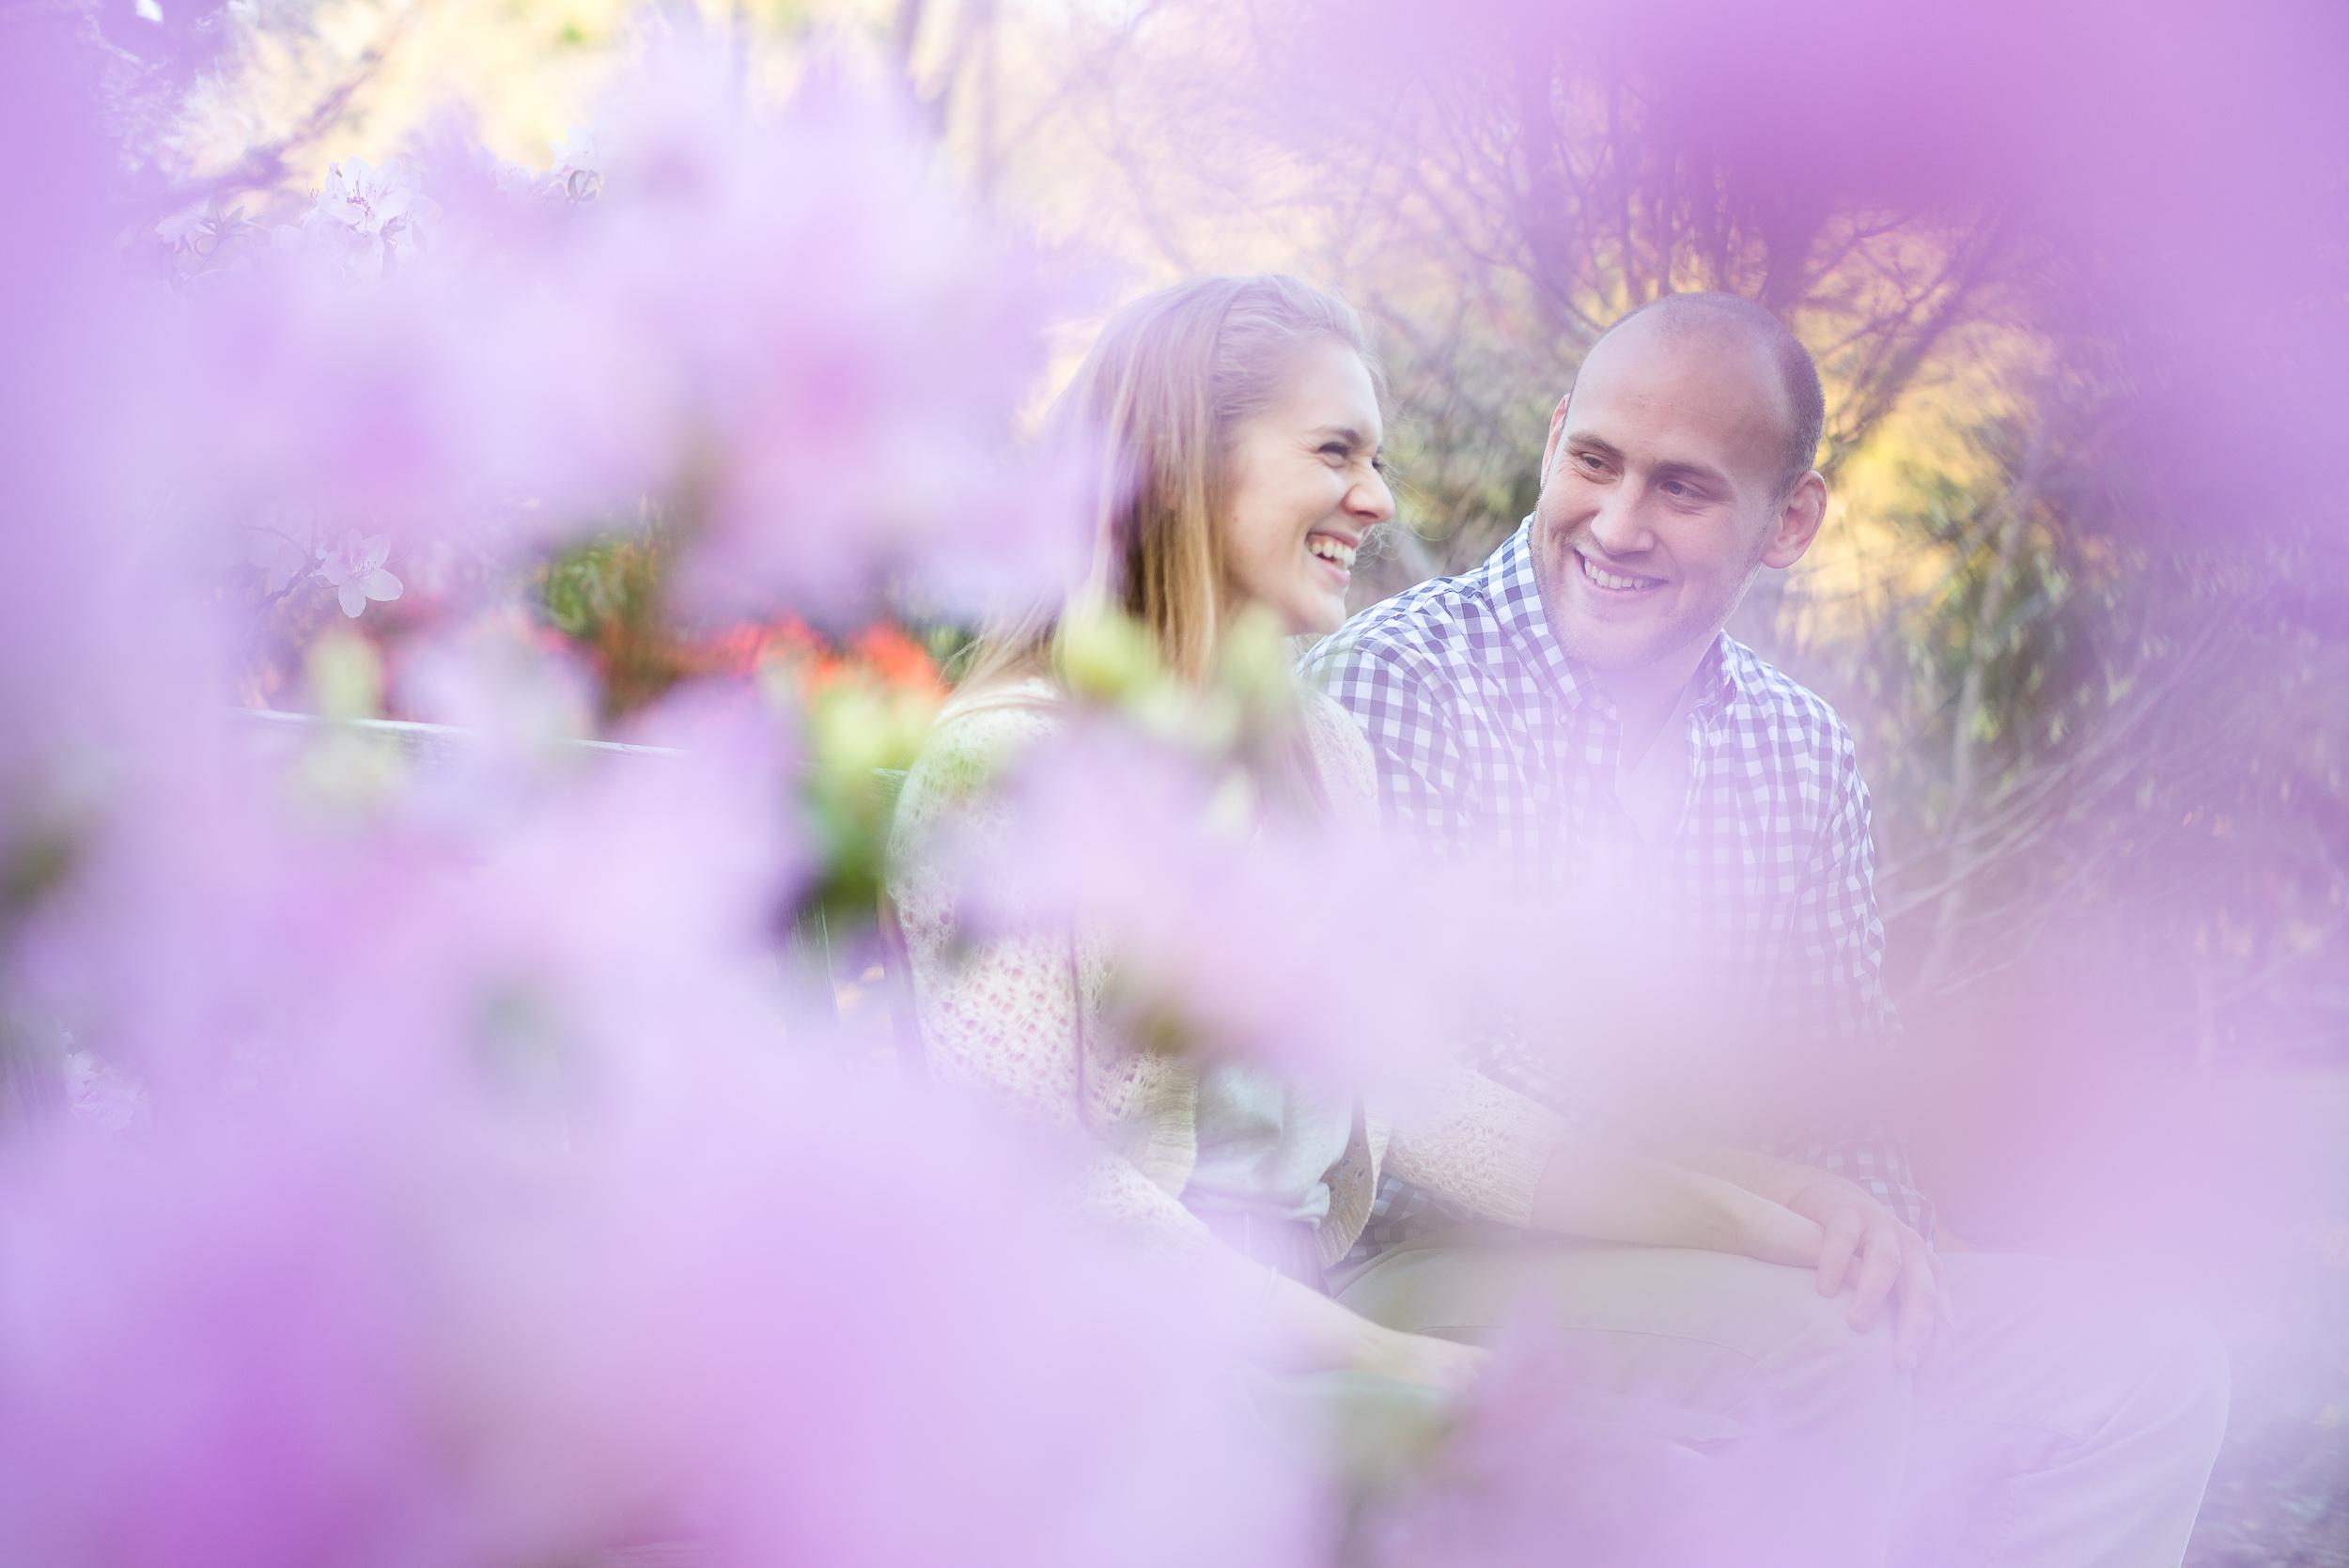 20160423 - Steve and Lydia Engagement-DSC_8977.jpg